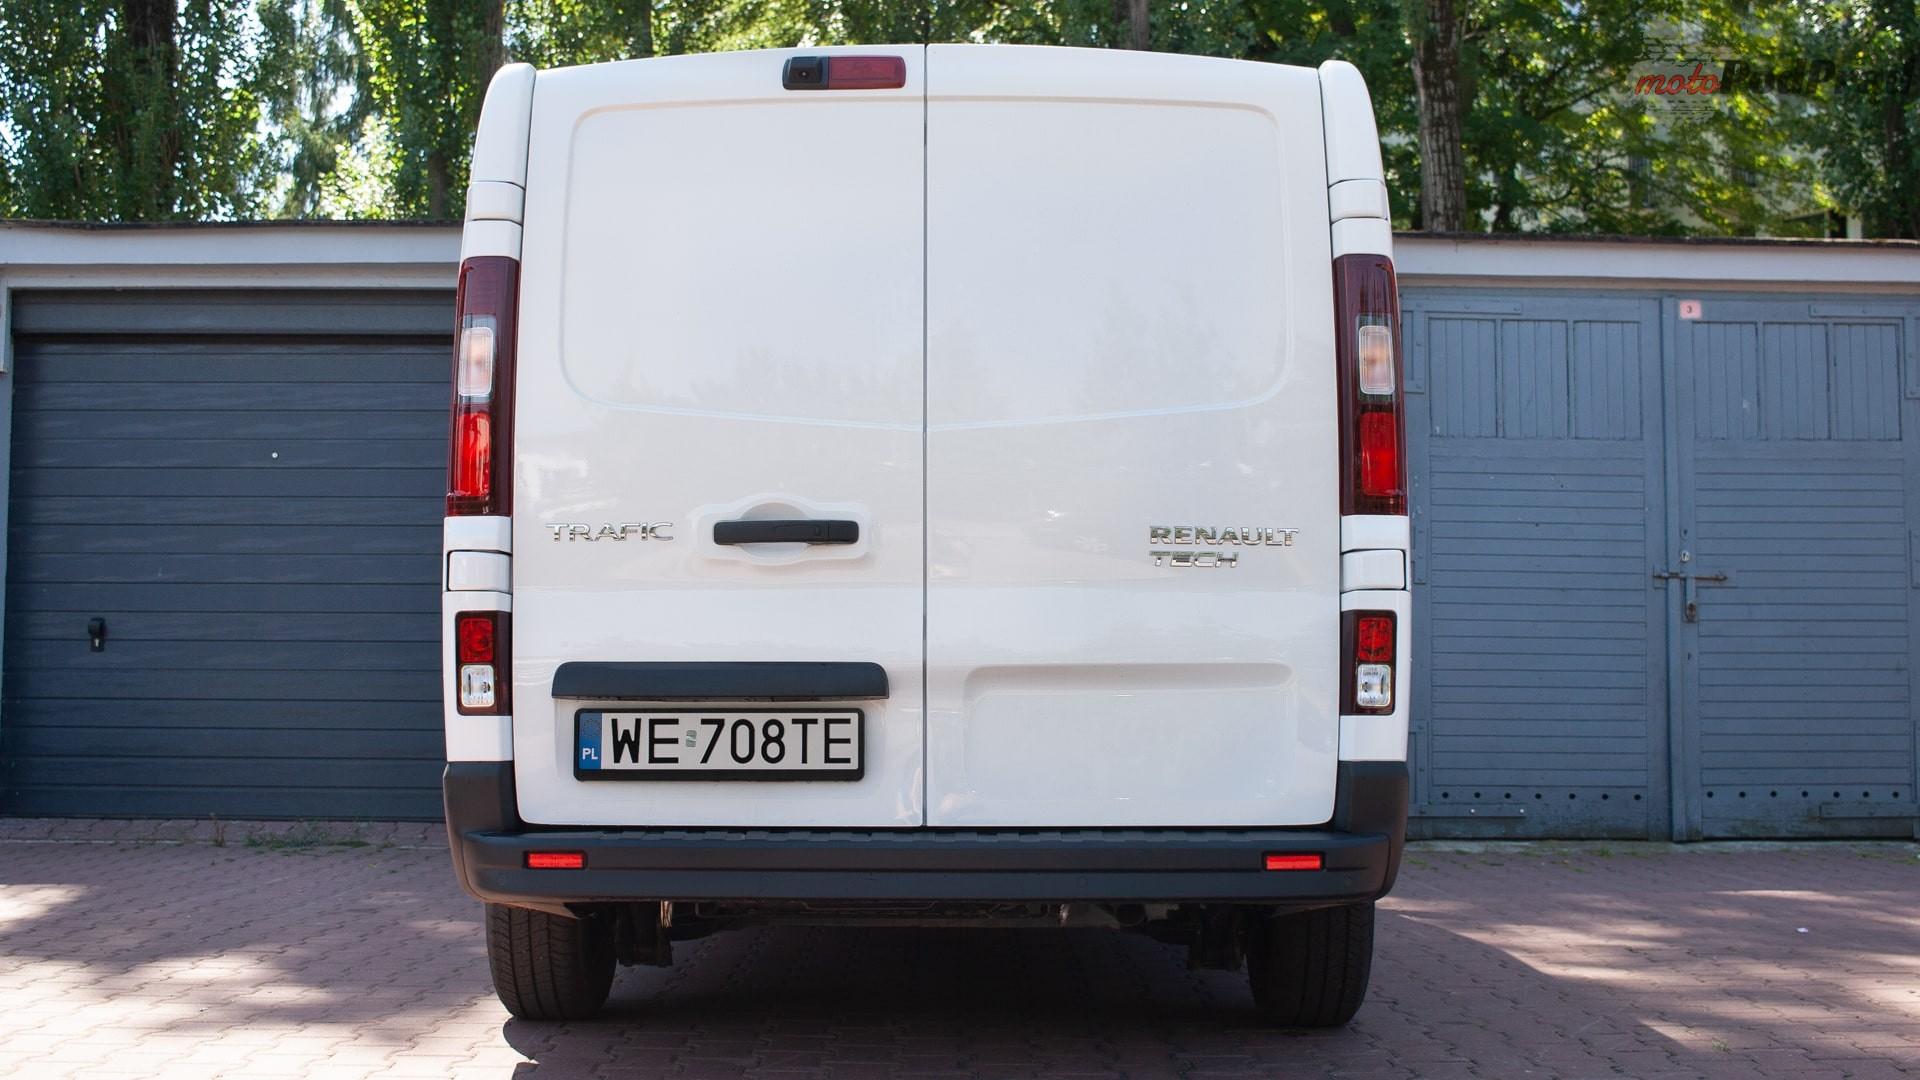 renault trafic 15 Test: Renault Trafic furgon z zabudową Renault Tech – mobilny serwis